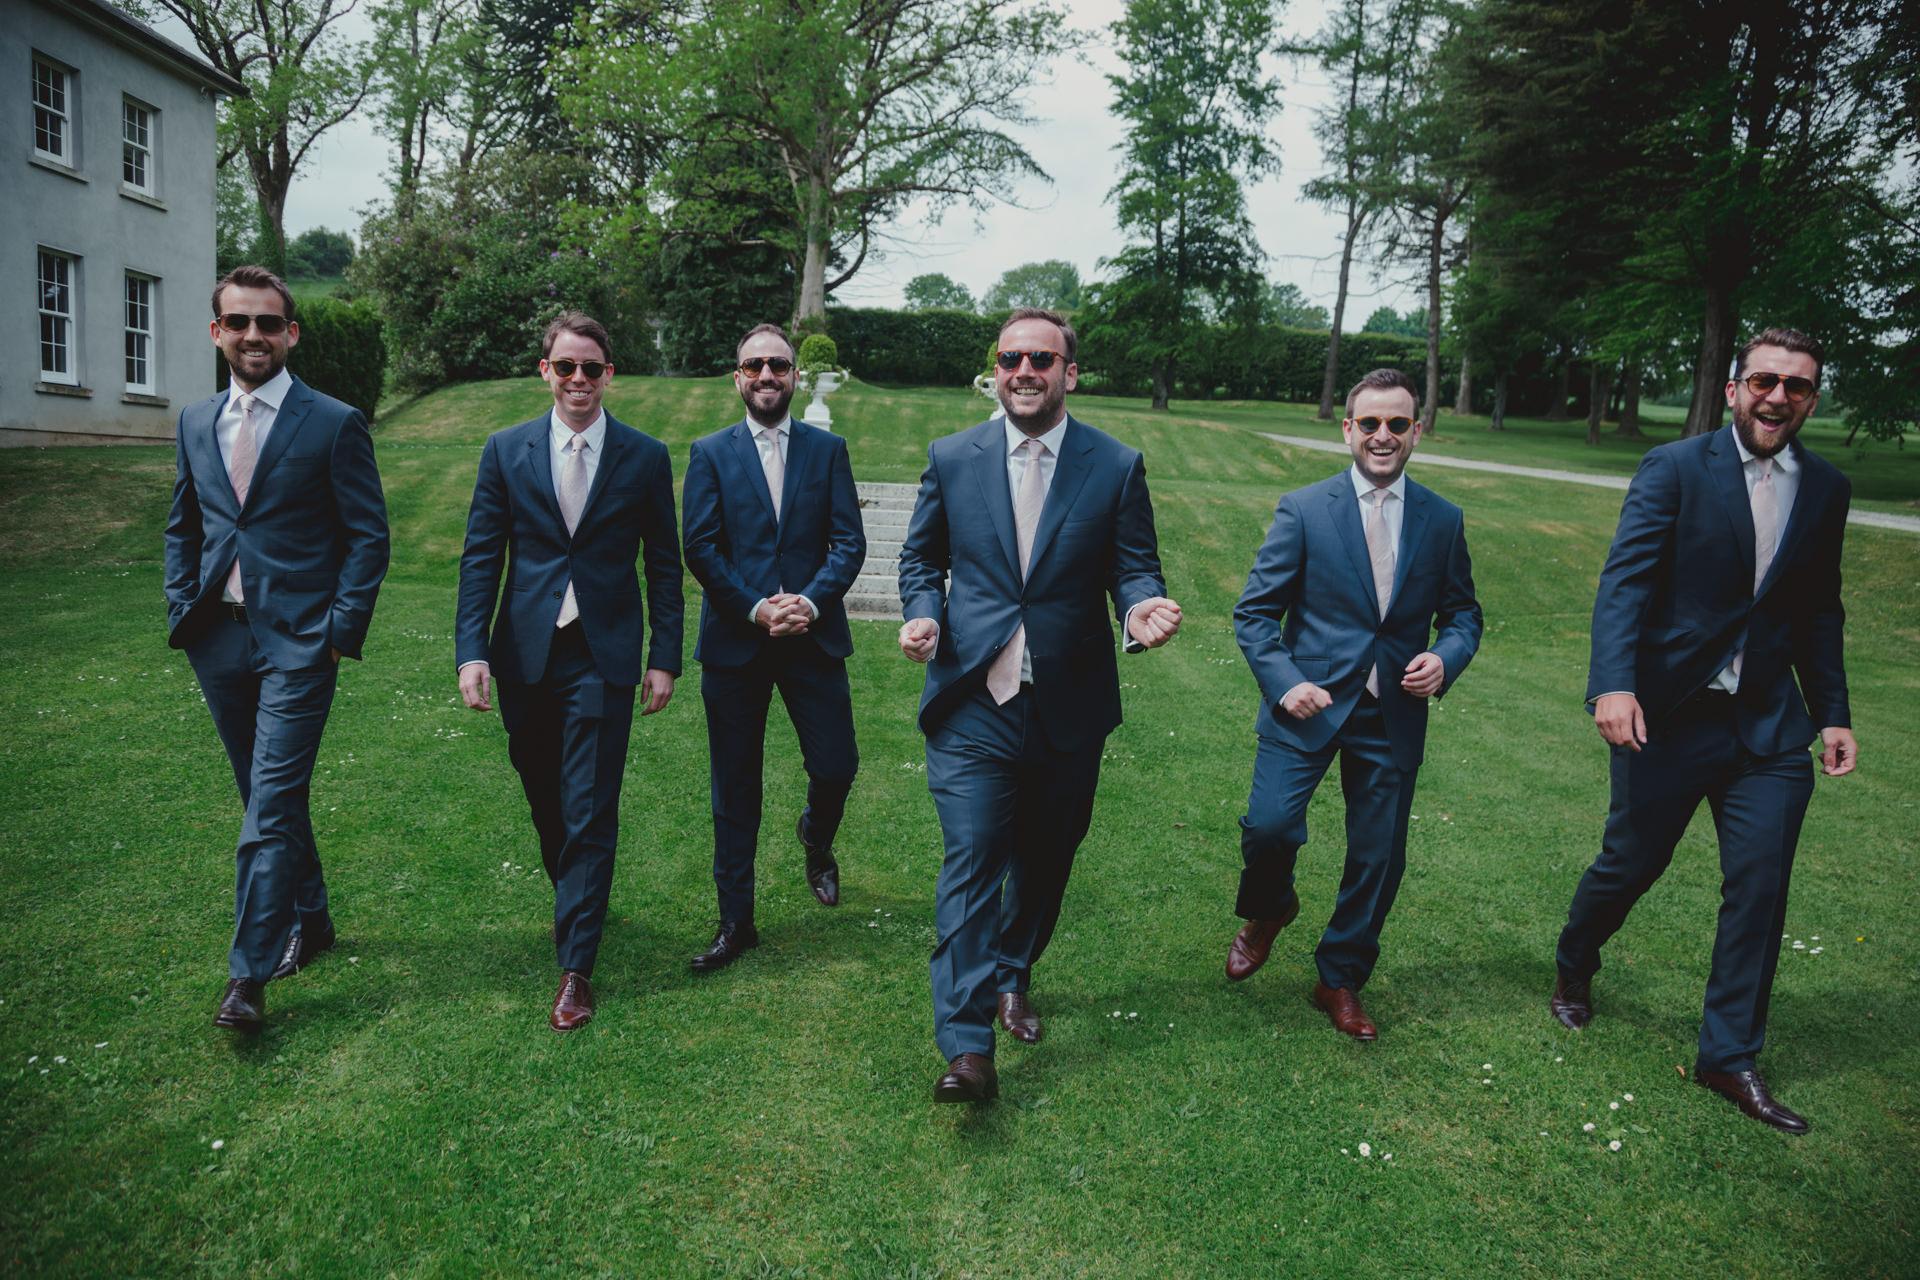 clonwilliam house wedding 7